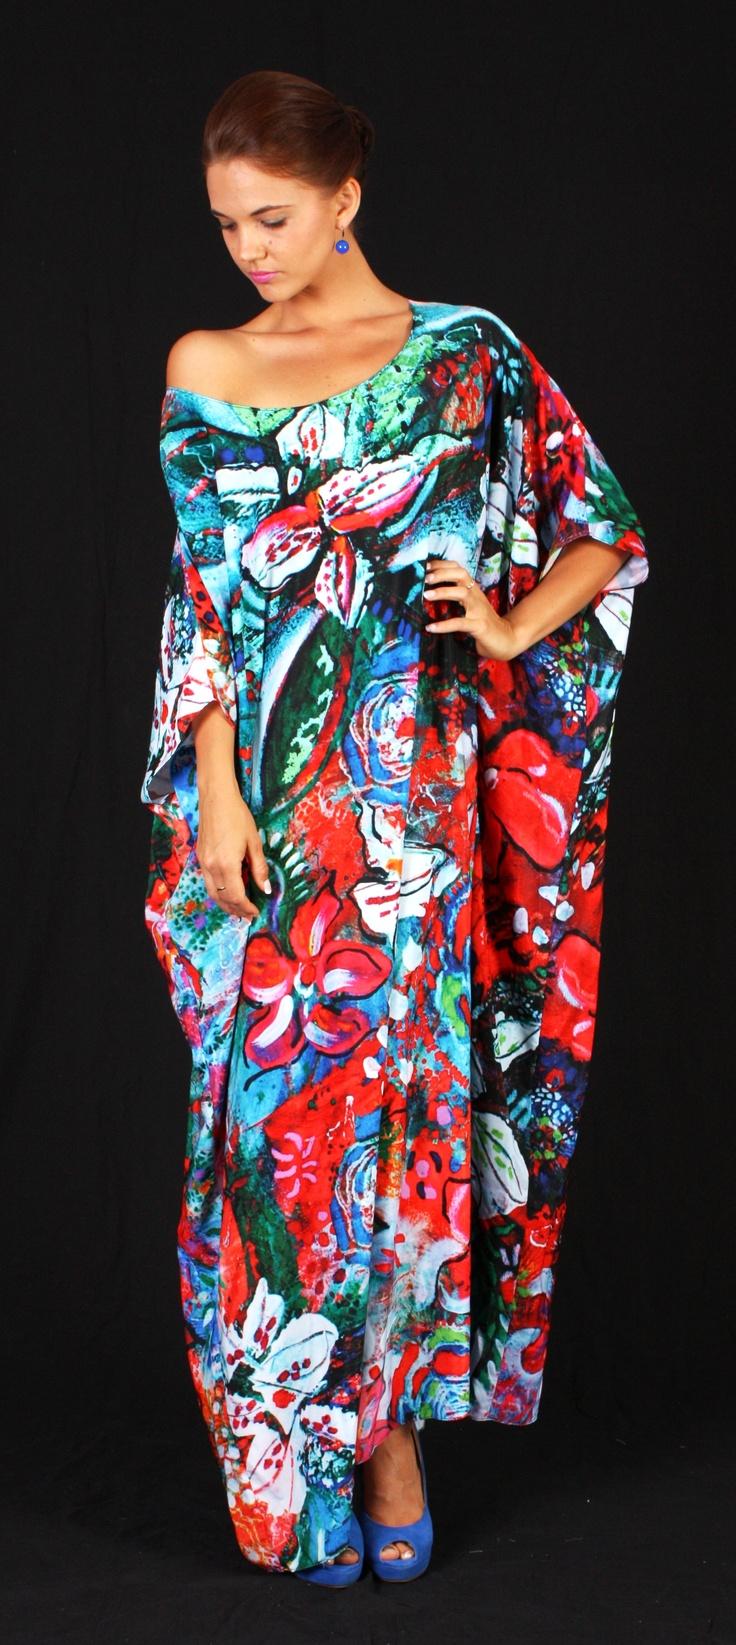 'Floral Spring' kaftan $189   One size fits all  www.tangella.com.au